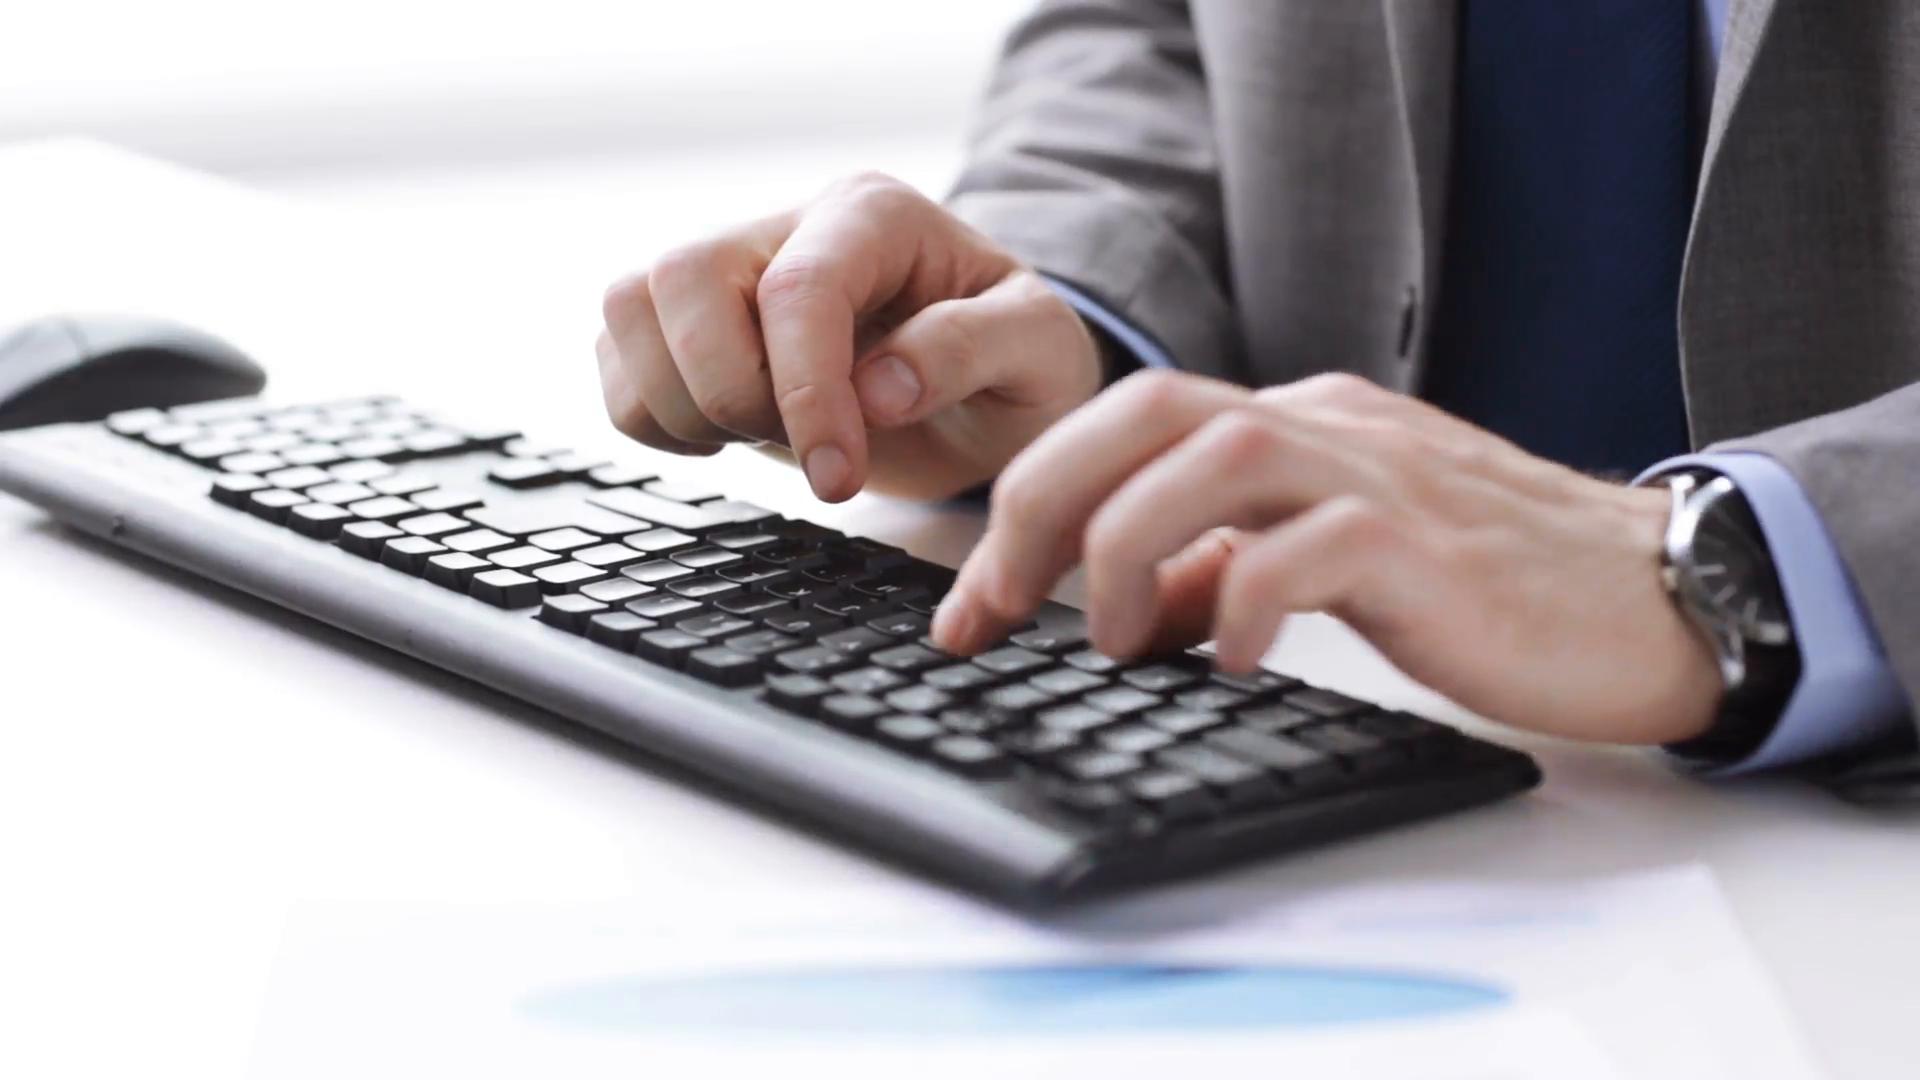 Що робити, якщо Ваш пароль потрапив до відкритої в Інтернеті бази даних? ПОРАДИ